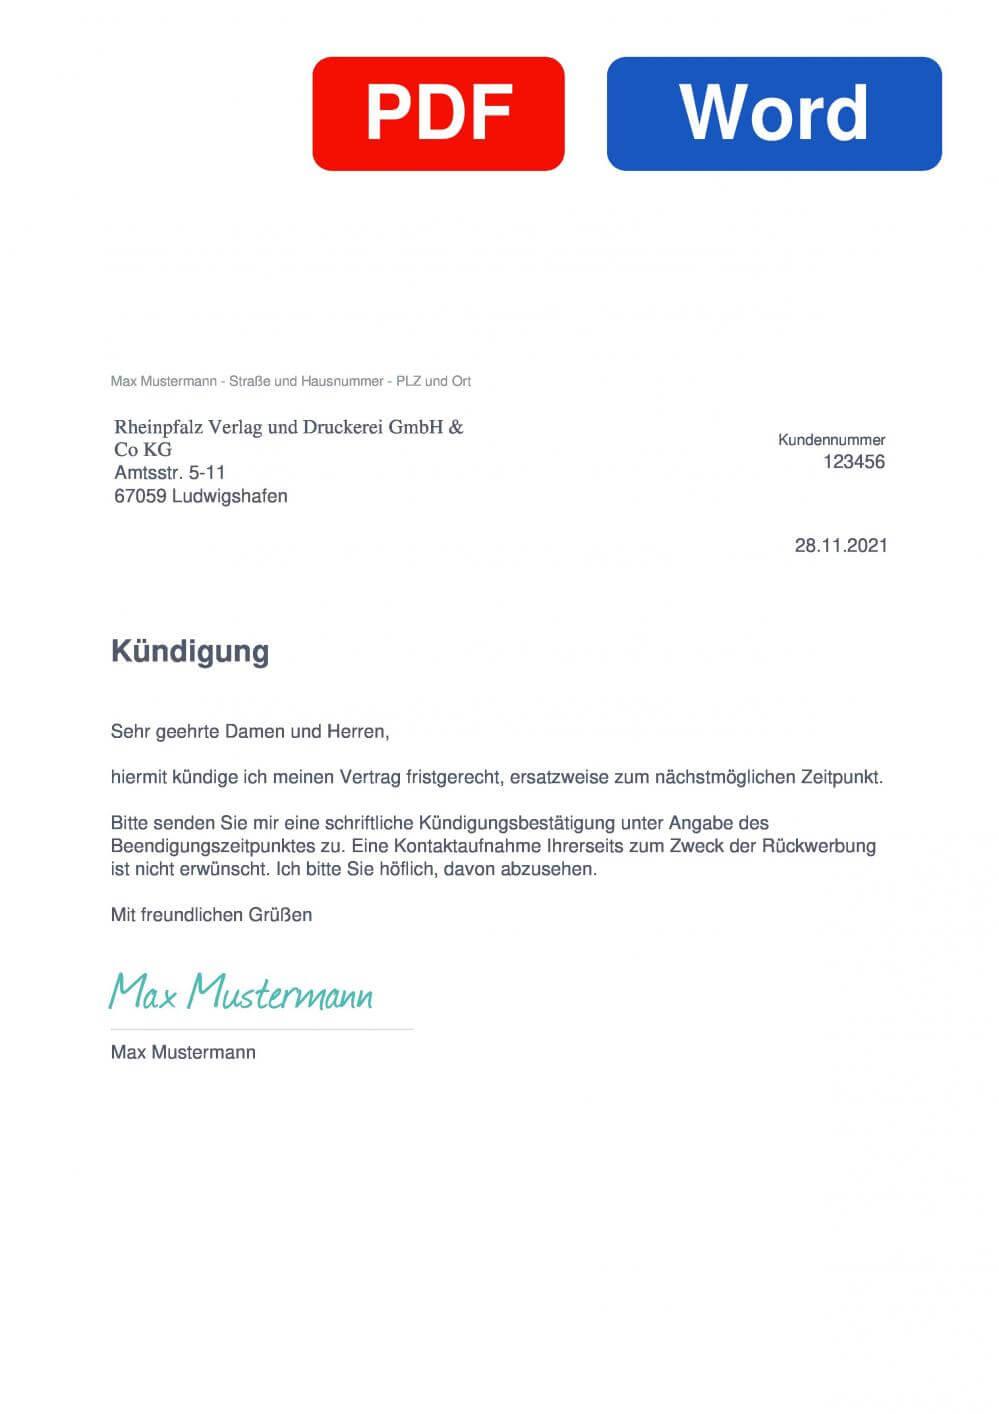 Die Rheinpfalz Muster Vorlage für Kündigungsschreiben